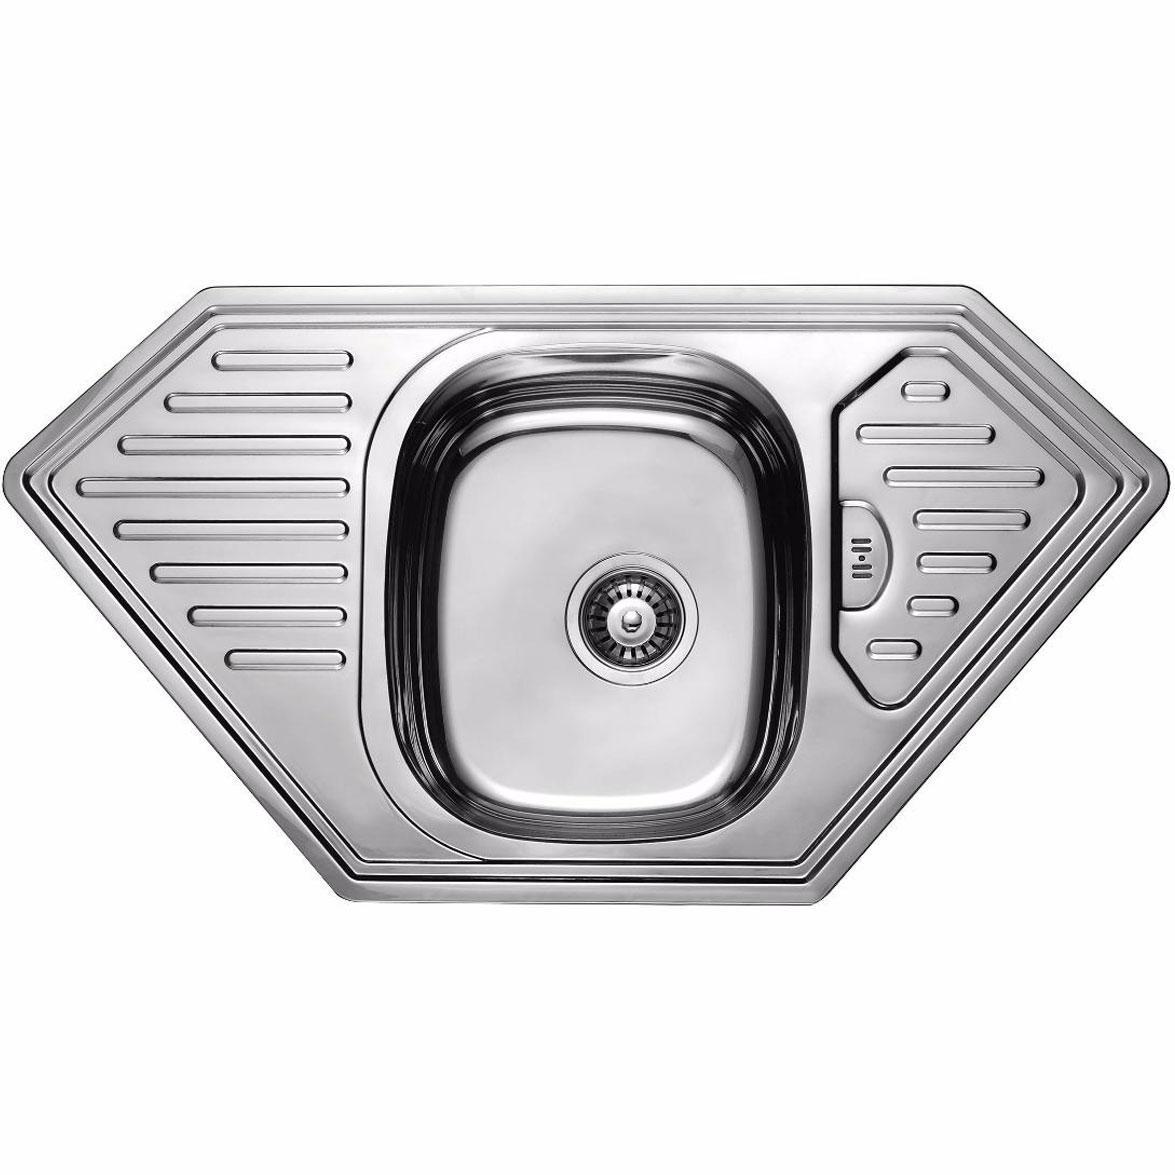 Кухонная мойка из нержавеющей стали ULA 7801 ZS DECOR